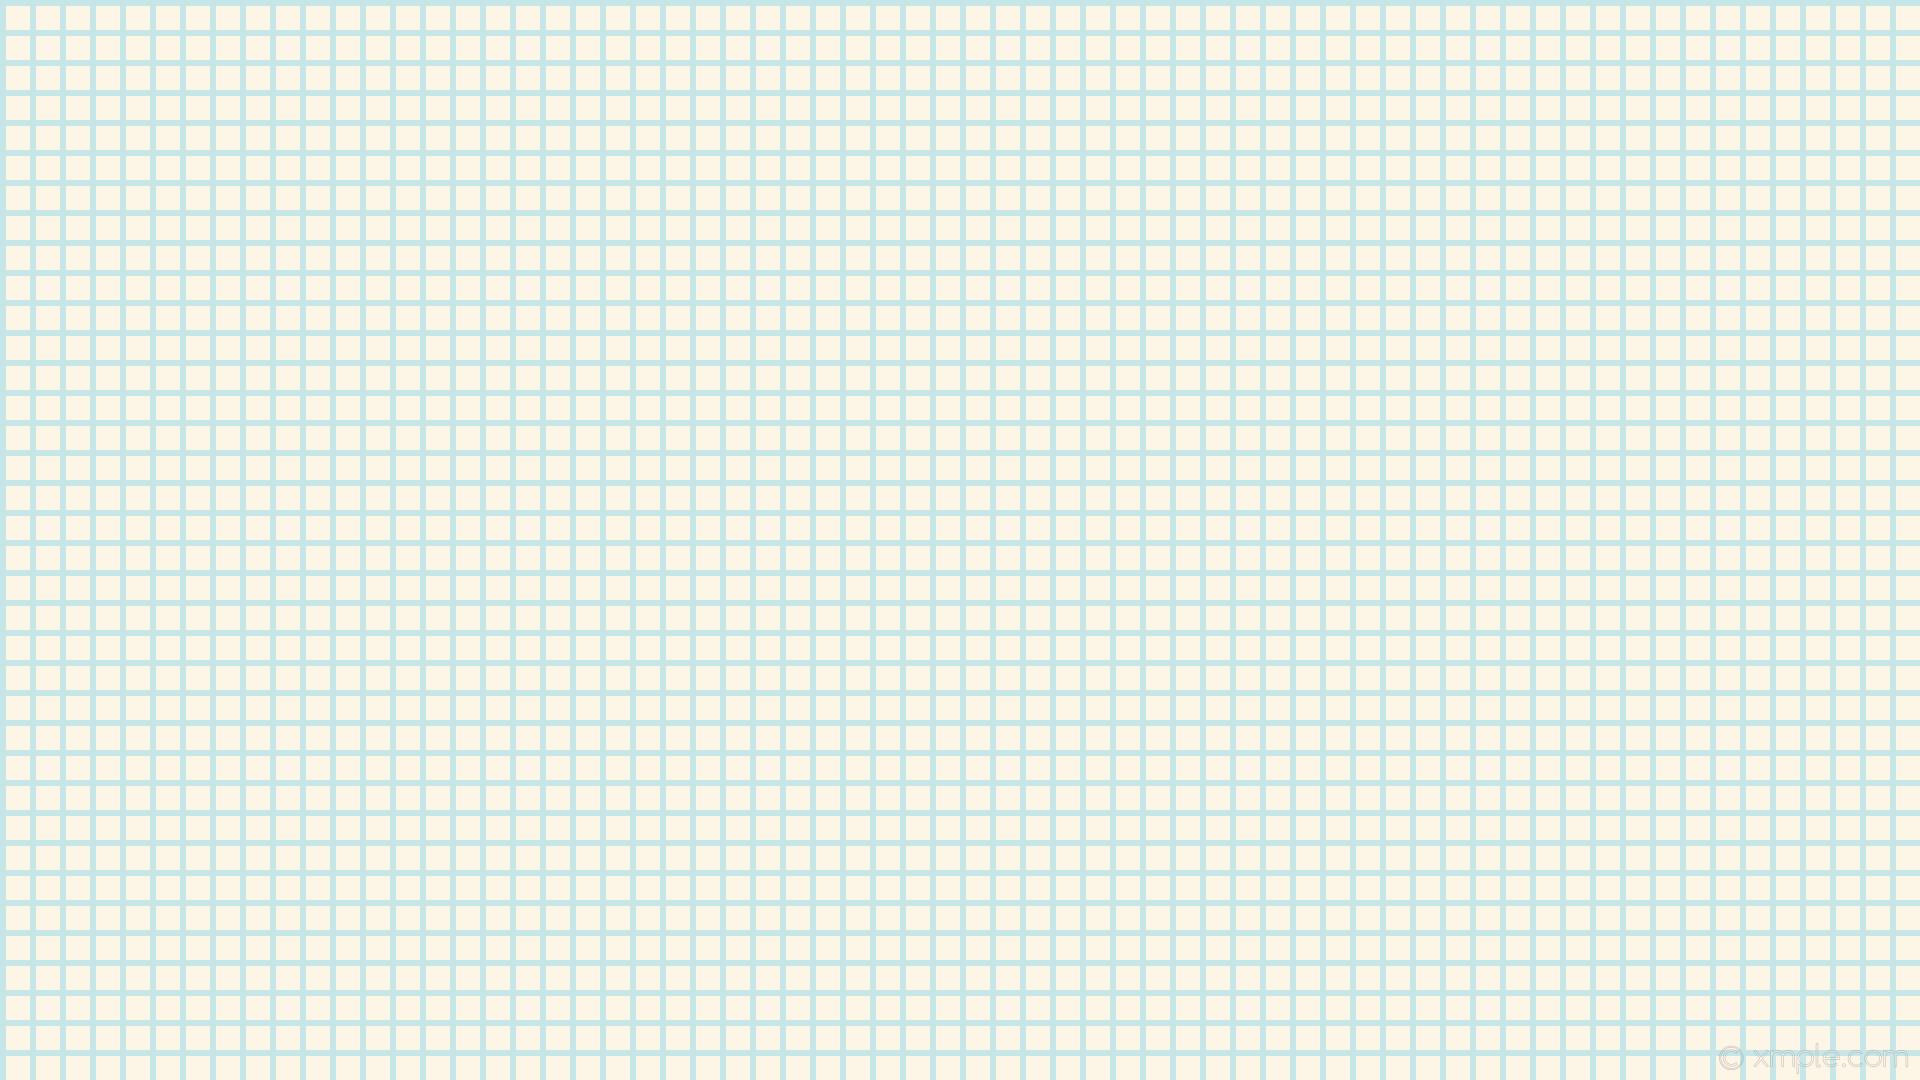 Res: 1920x1080, wallpaper graph paper grid white blue old lace powder blue #fdf5e6 #b0e0e6  0°